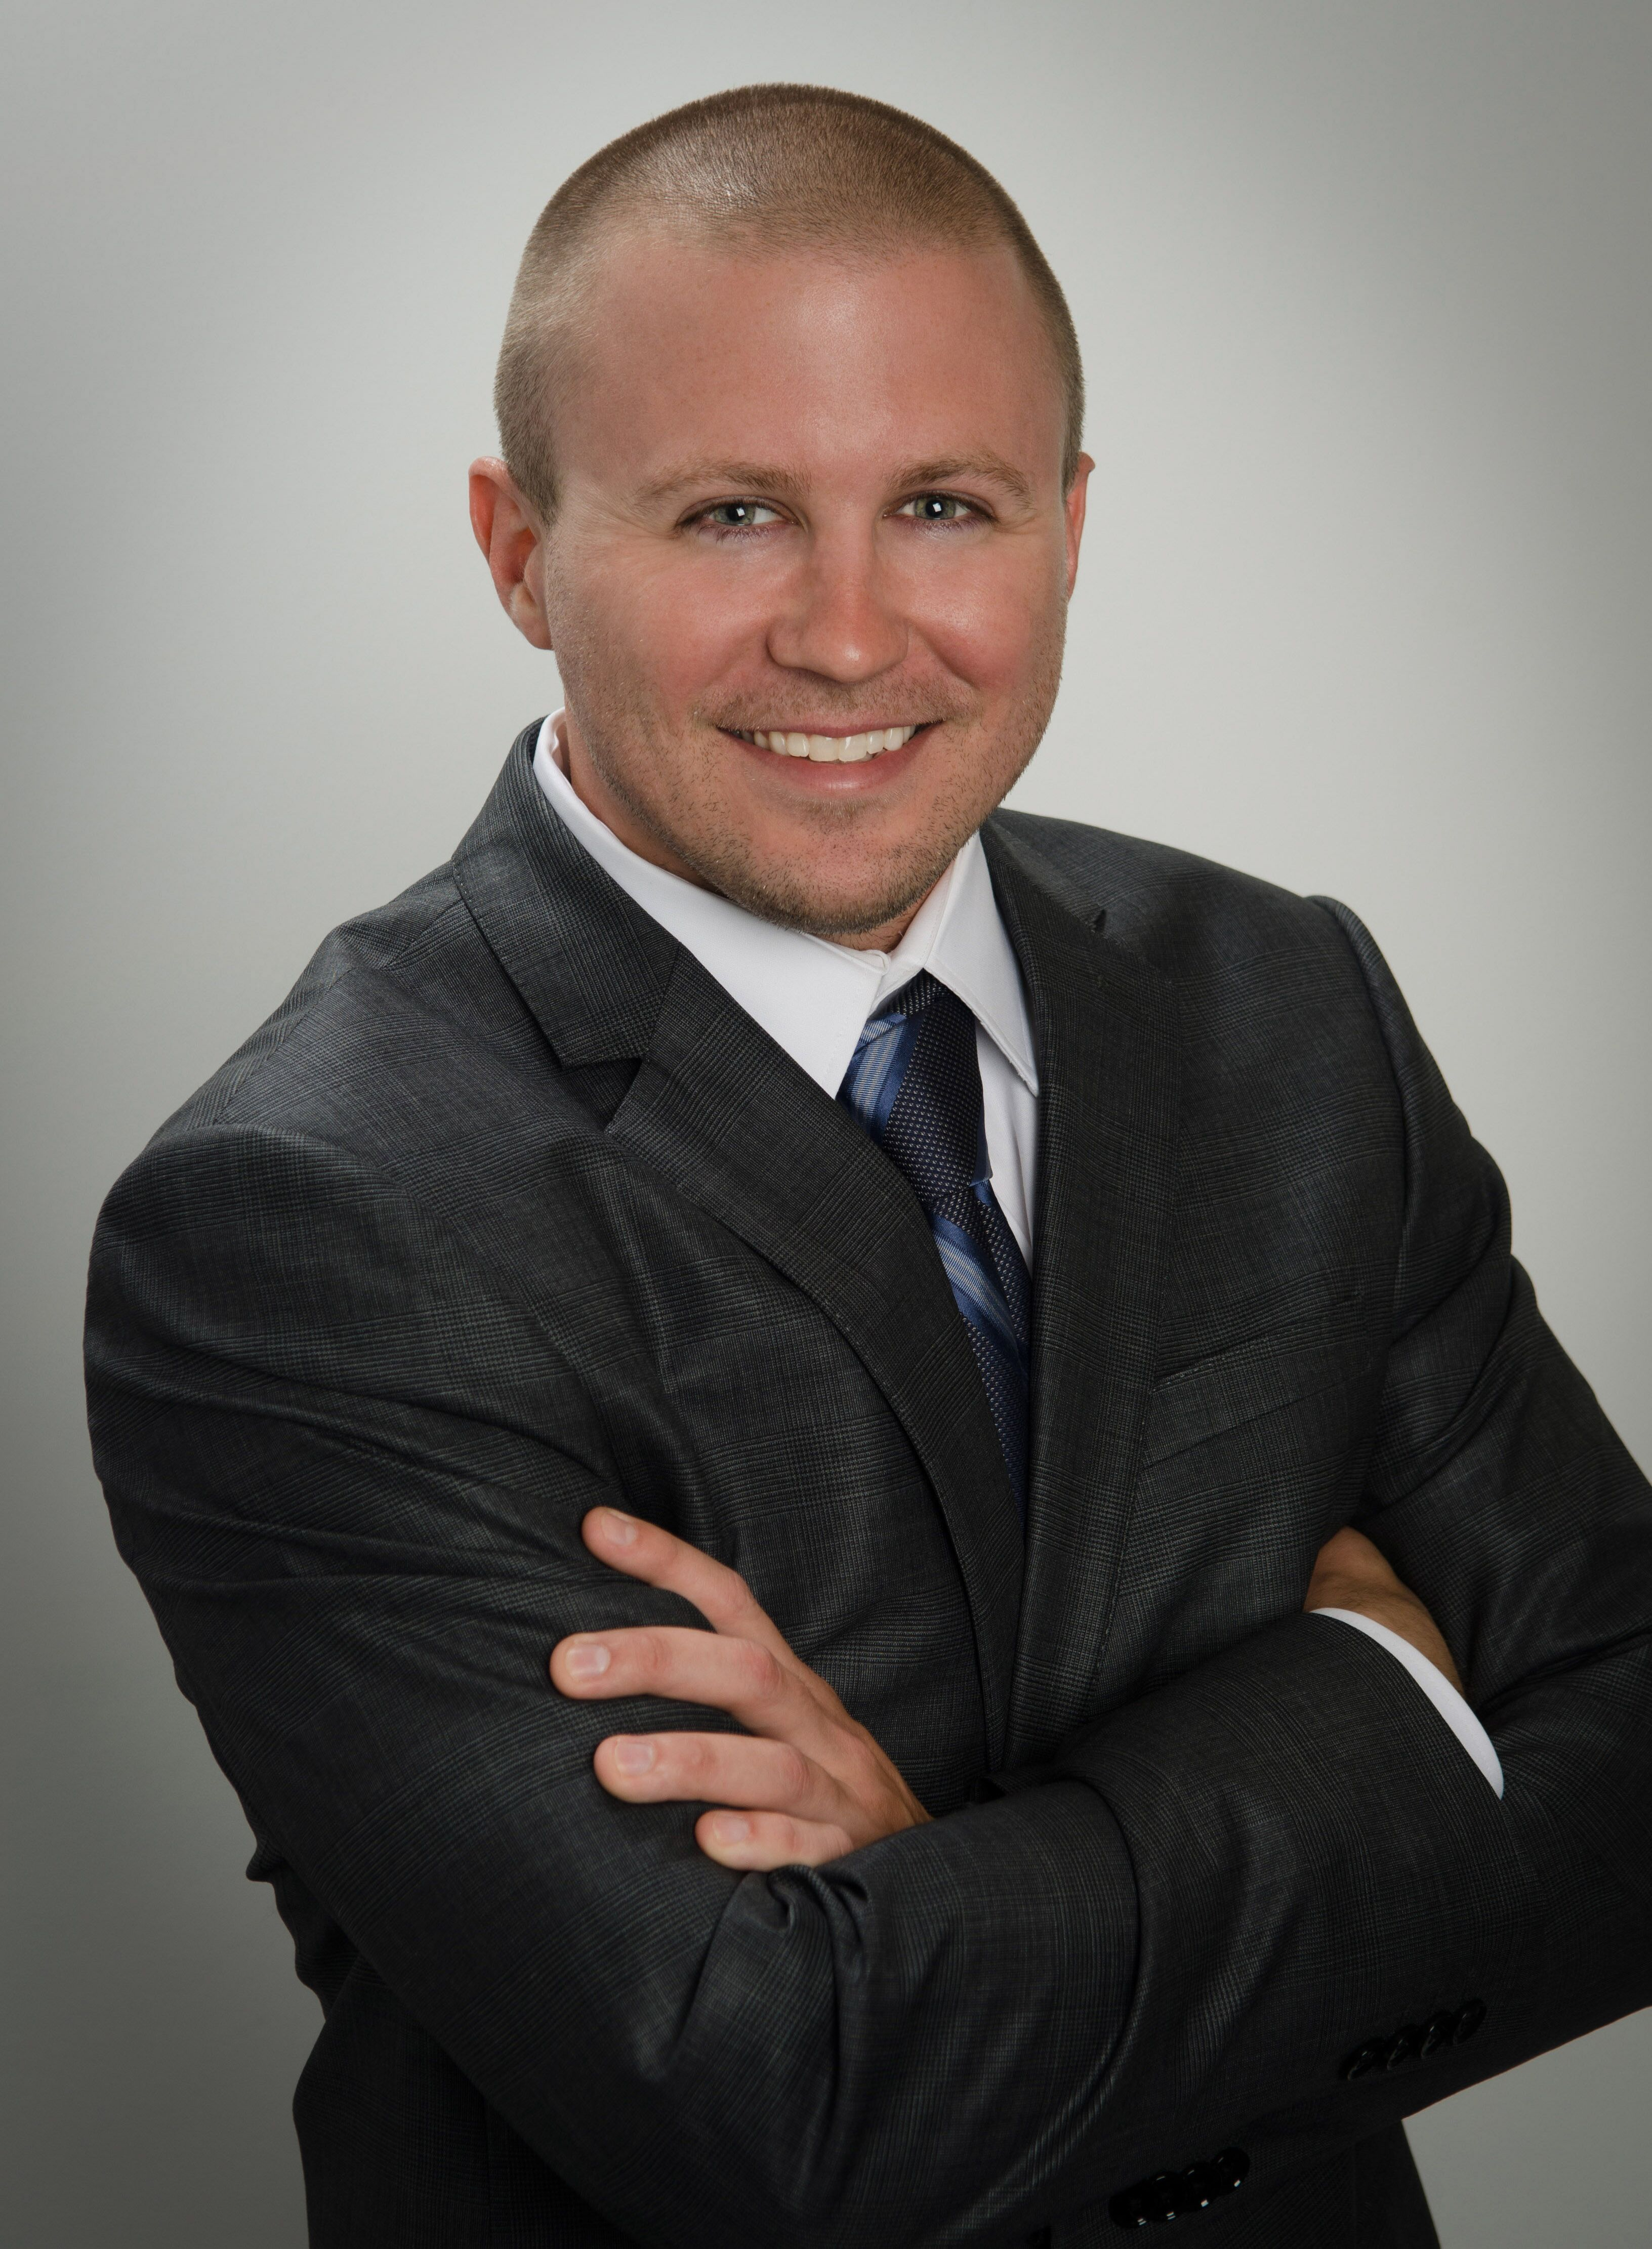 Ryan Davis Miami Condo Investments